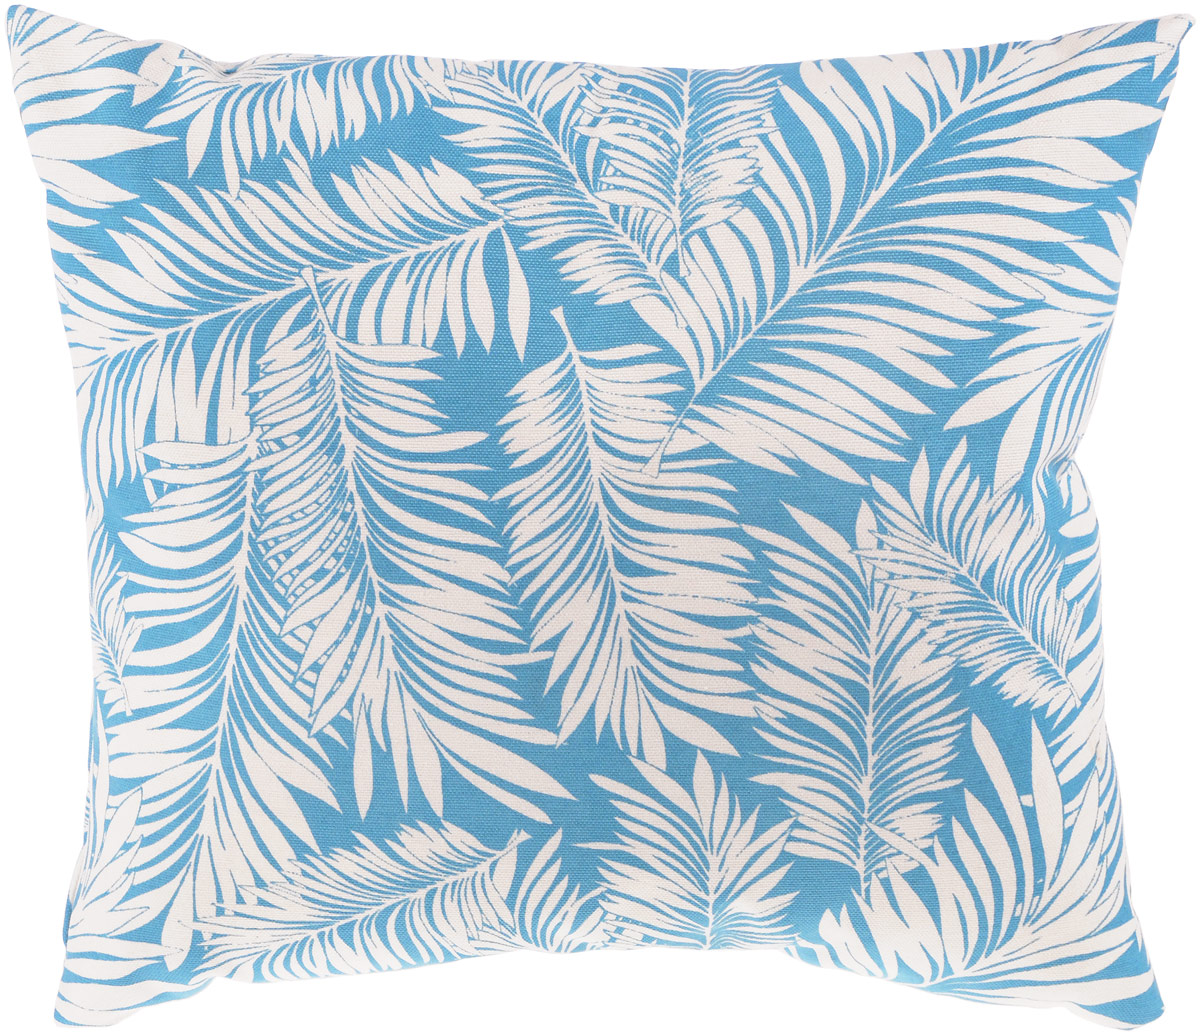 Подушка декоративная KauffOrt Лазурный берег, цвет: голубой, белый, 40 x 40 см3121043670Декоративная подушка Лазурный берег прекрасно дополнит интерьер спальни или гостиной. Очень нежный на ощупь чехол подушки выполнен из 75% хлопка и 25% полиэстера. Внутри находится мягкий наполнитель. Чехол легко снимается благодаря потайной молнии.Красивая подушка создаст атмосферу уюта и комфорта в спальне и станет прекрасным элементом декора.